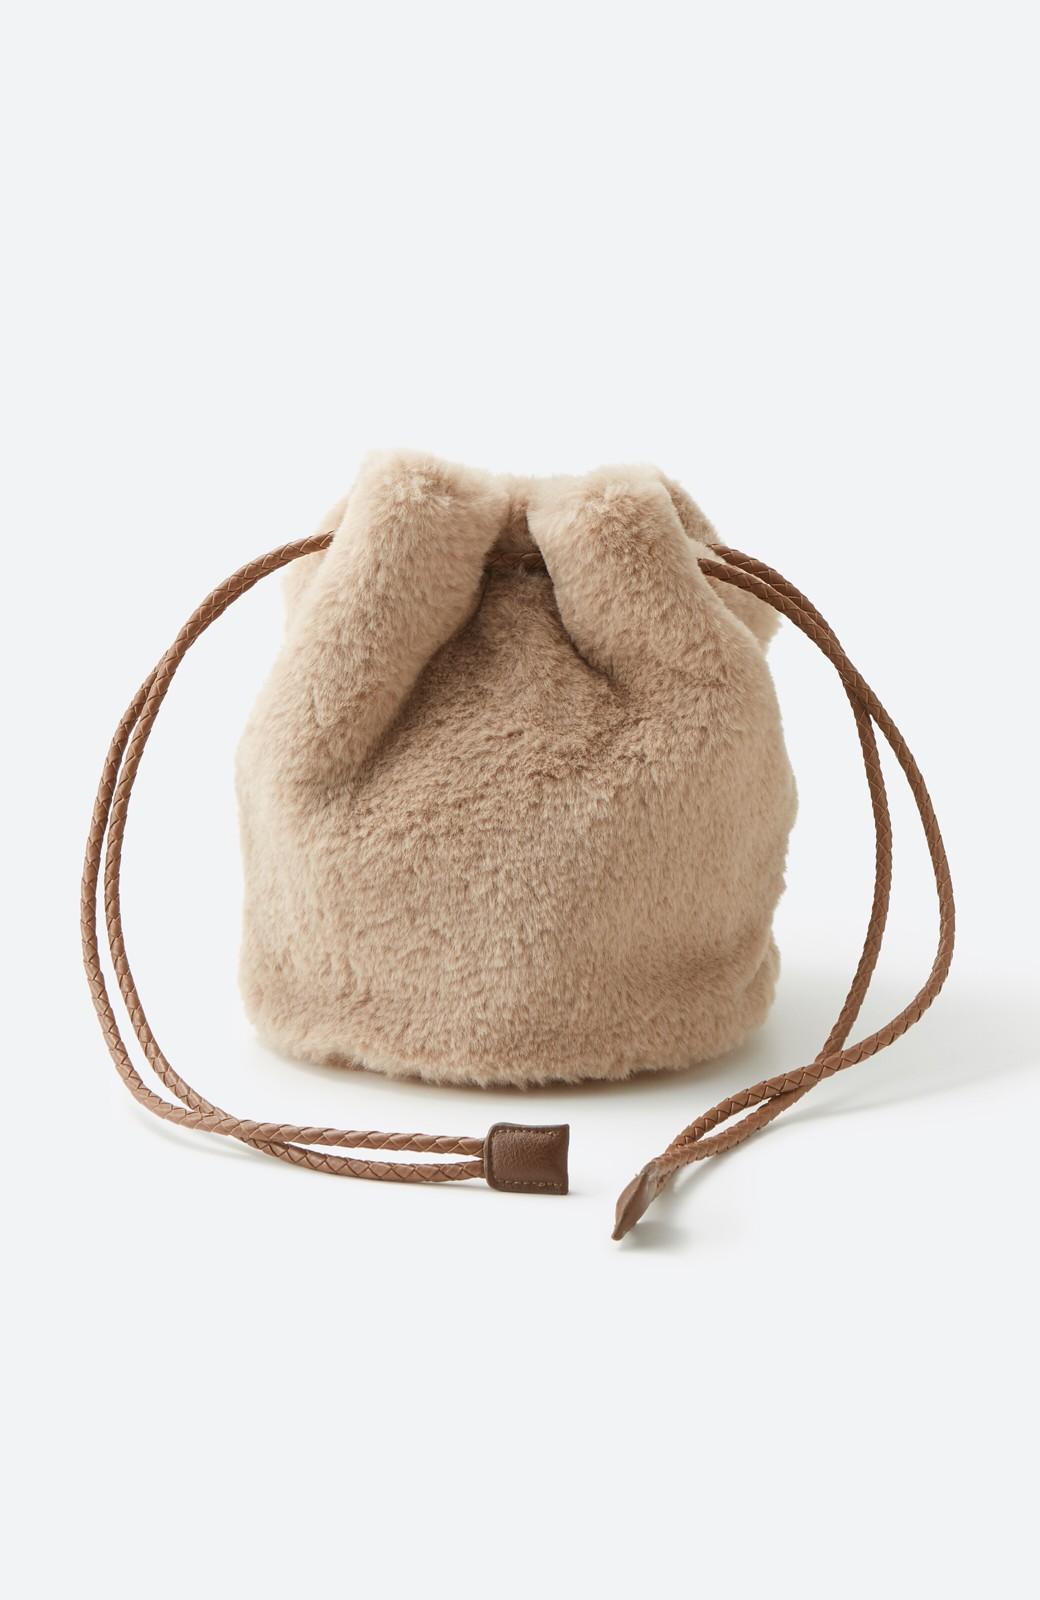 haco! いつものコーデに合わせるだけでぐっと華やぐエコファー巾着バッグ <ベージュ>の商品写真14